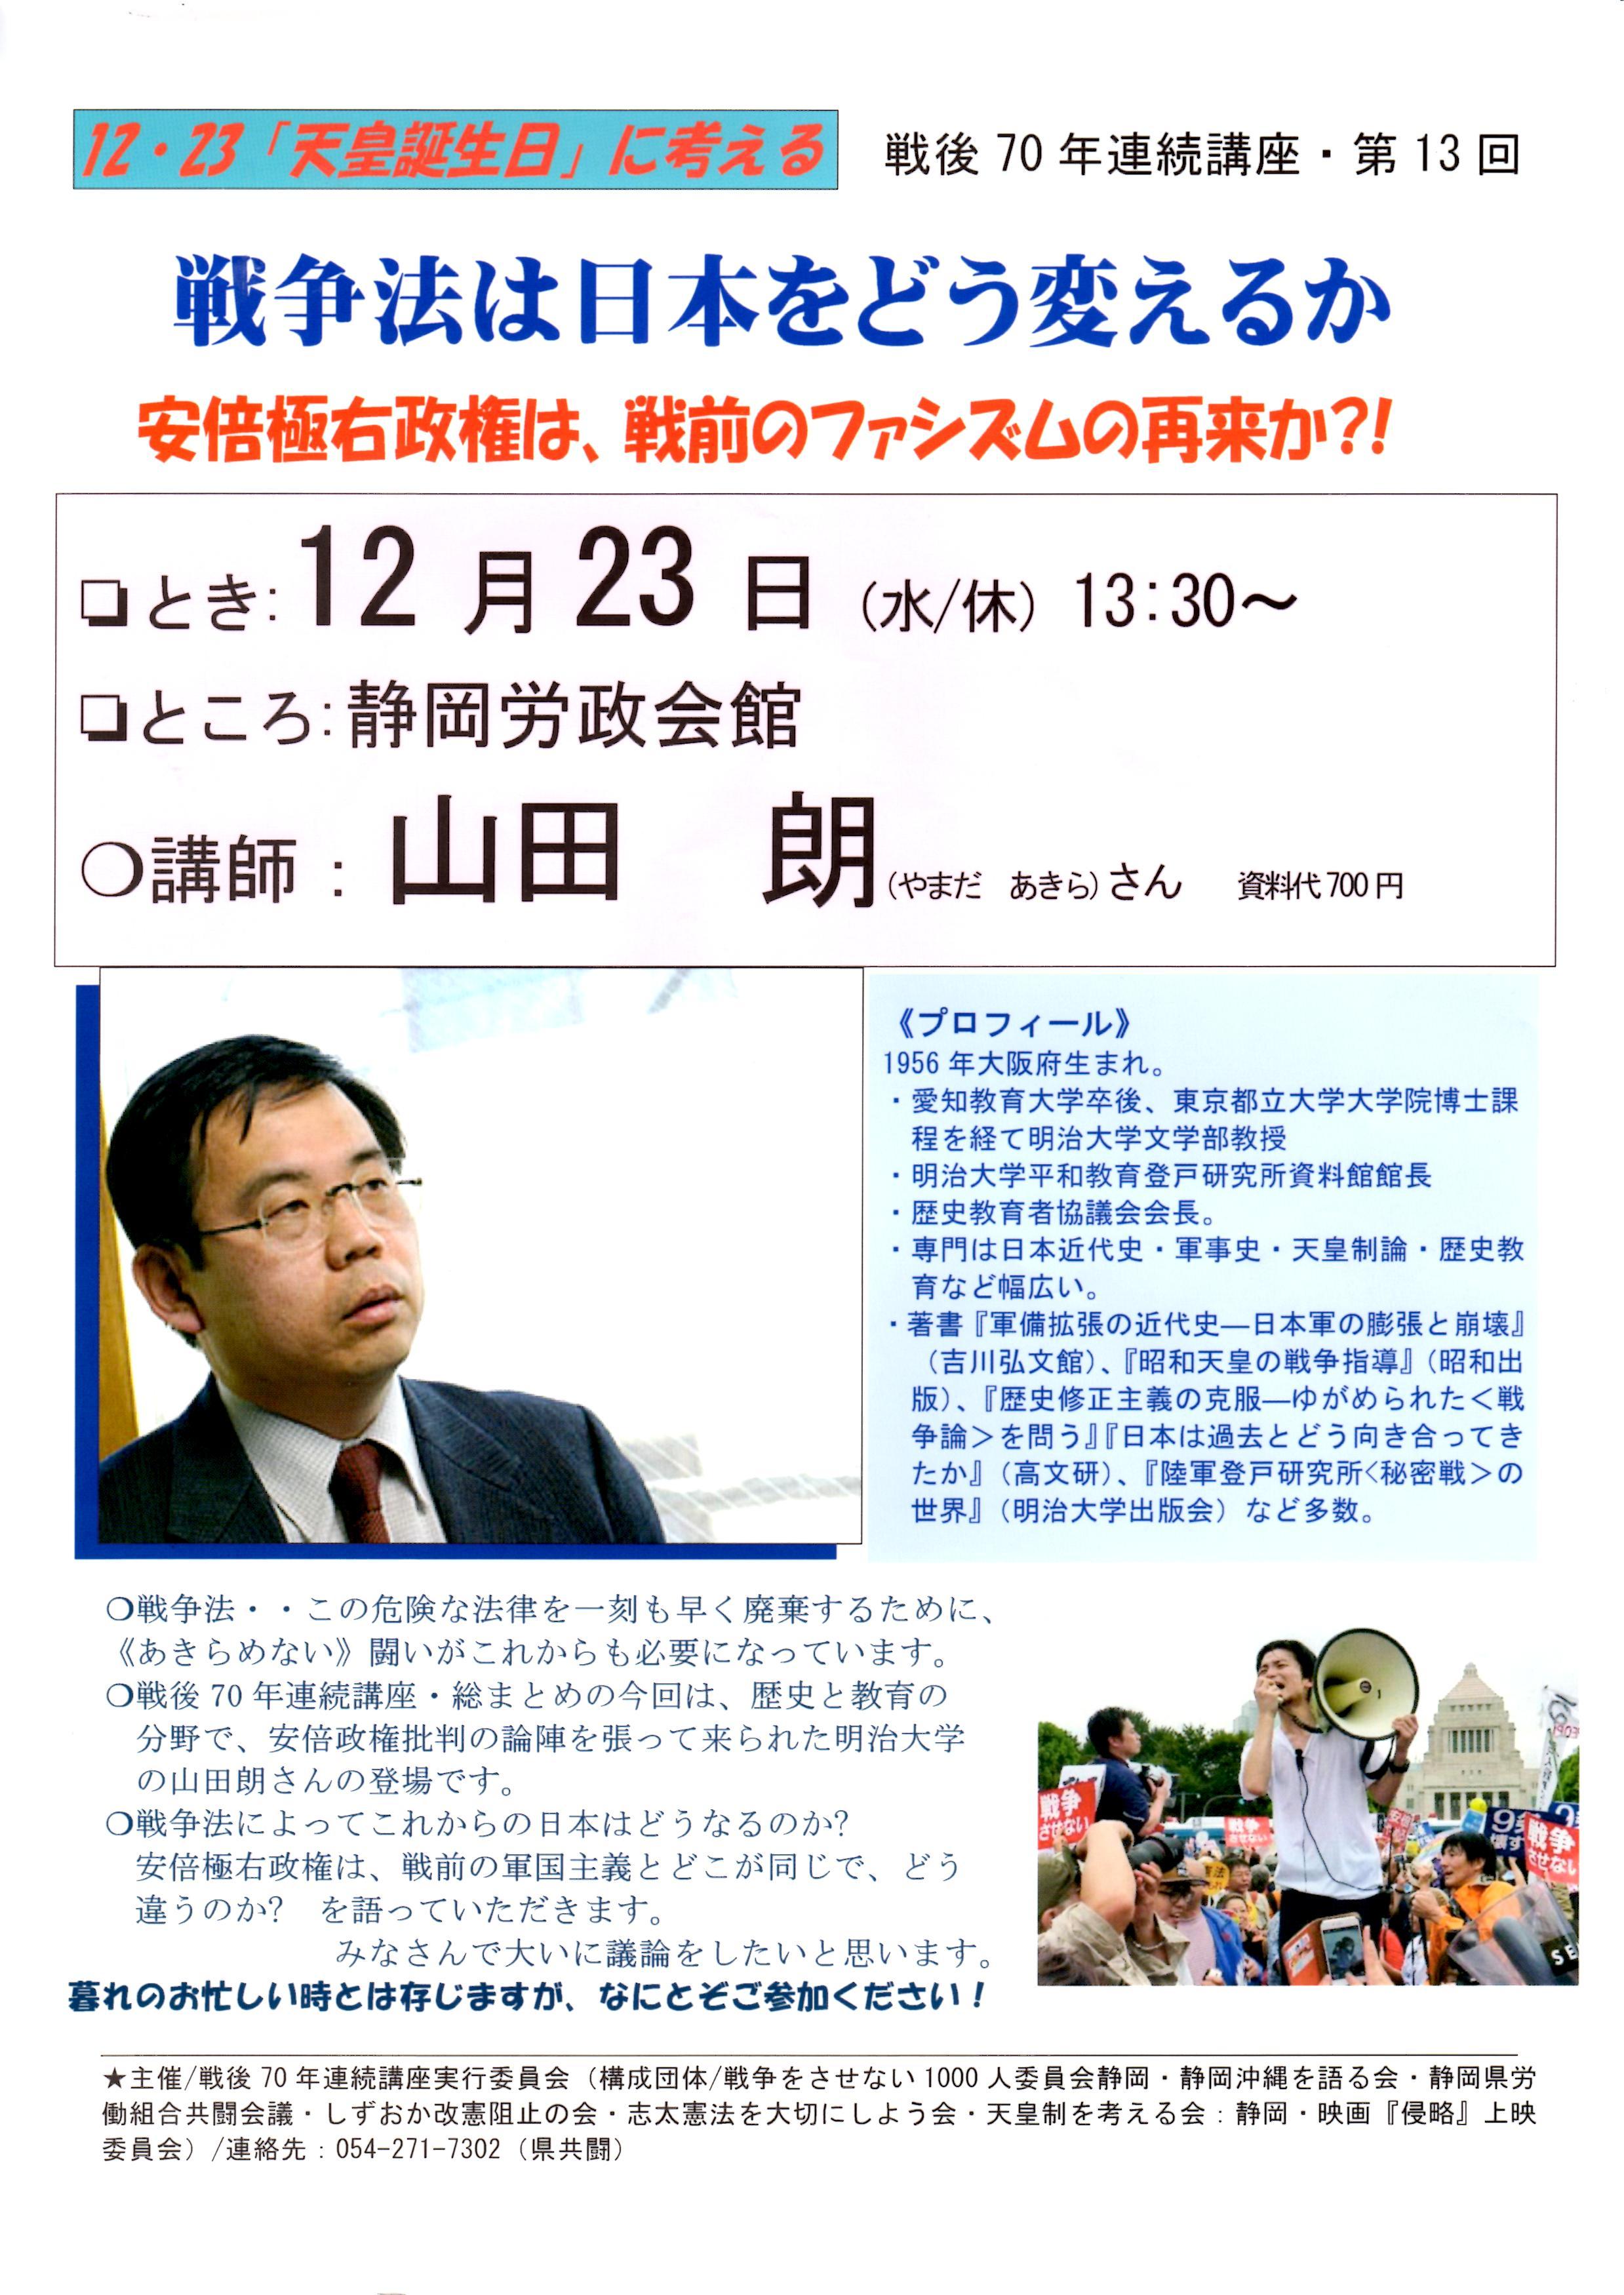 15.12.23山田朗講演会.jpg